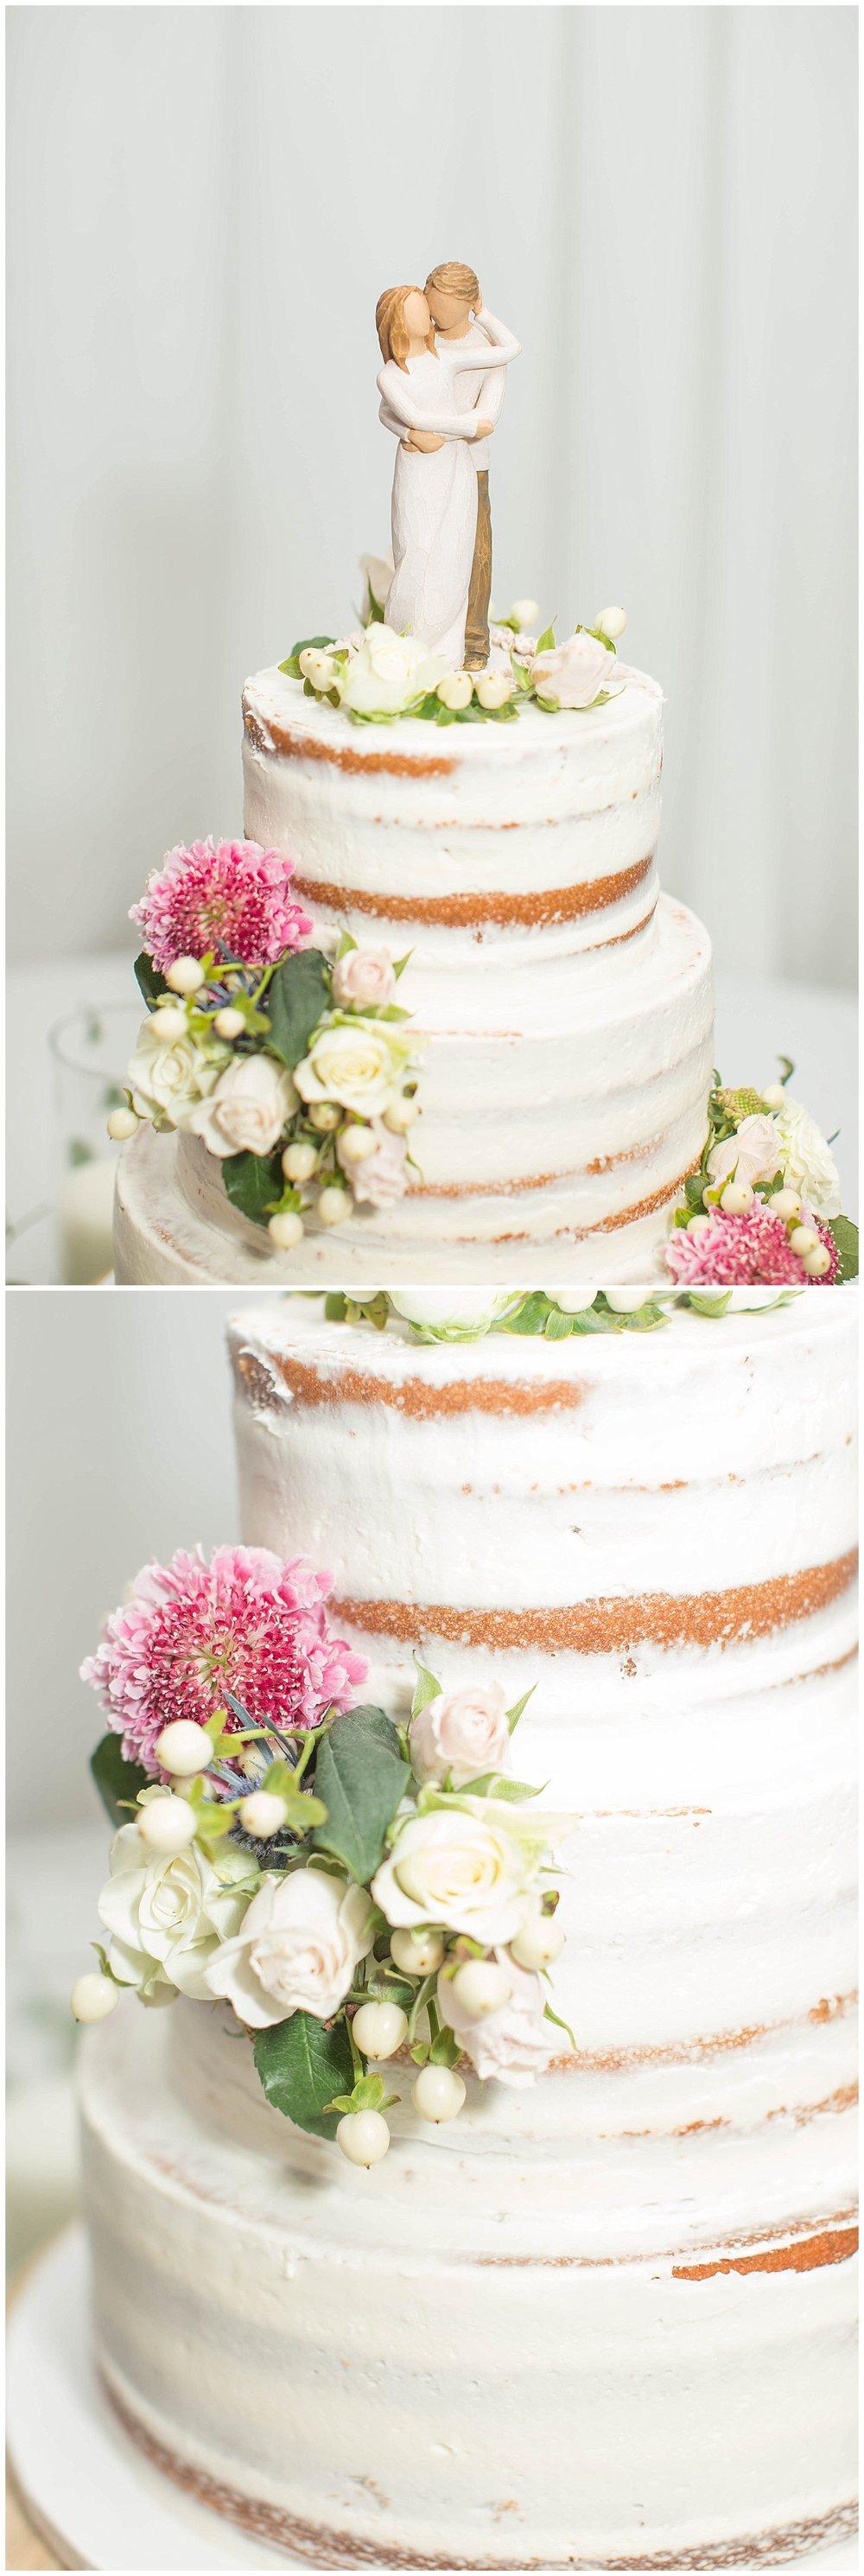 Saiko_Kara_Blakeman_Photography_Snowshoe_Wedding_Wv_2018_55